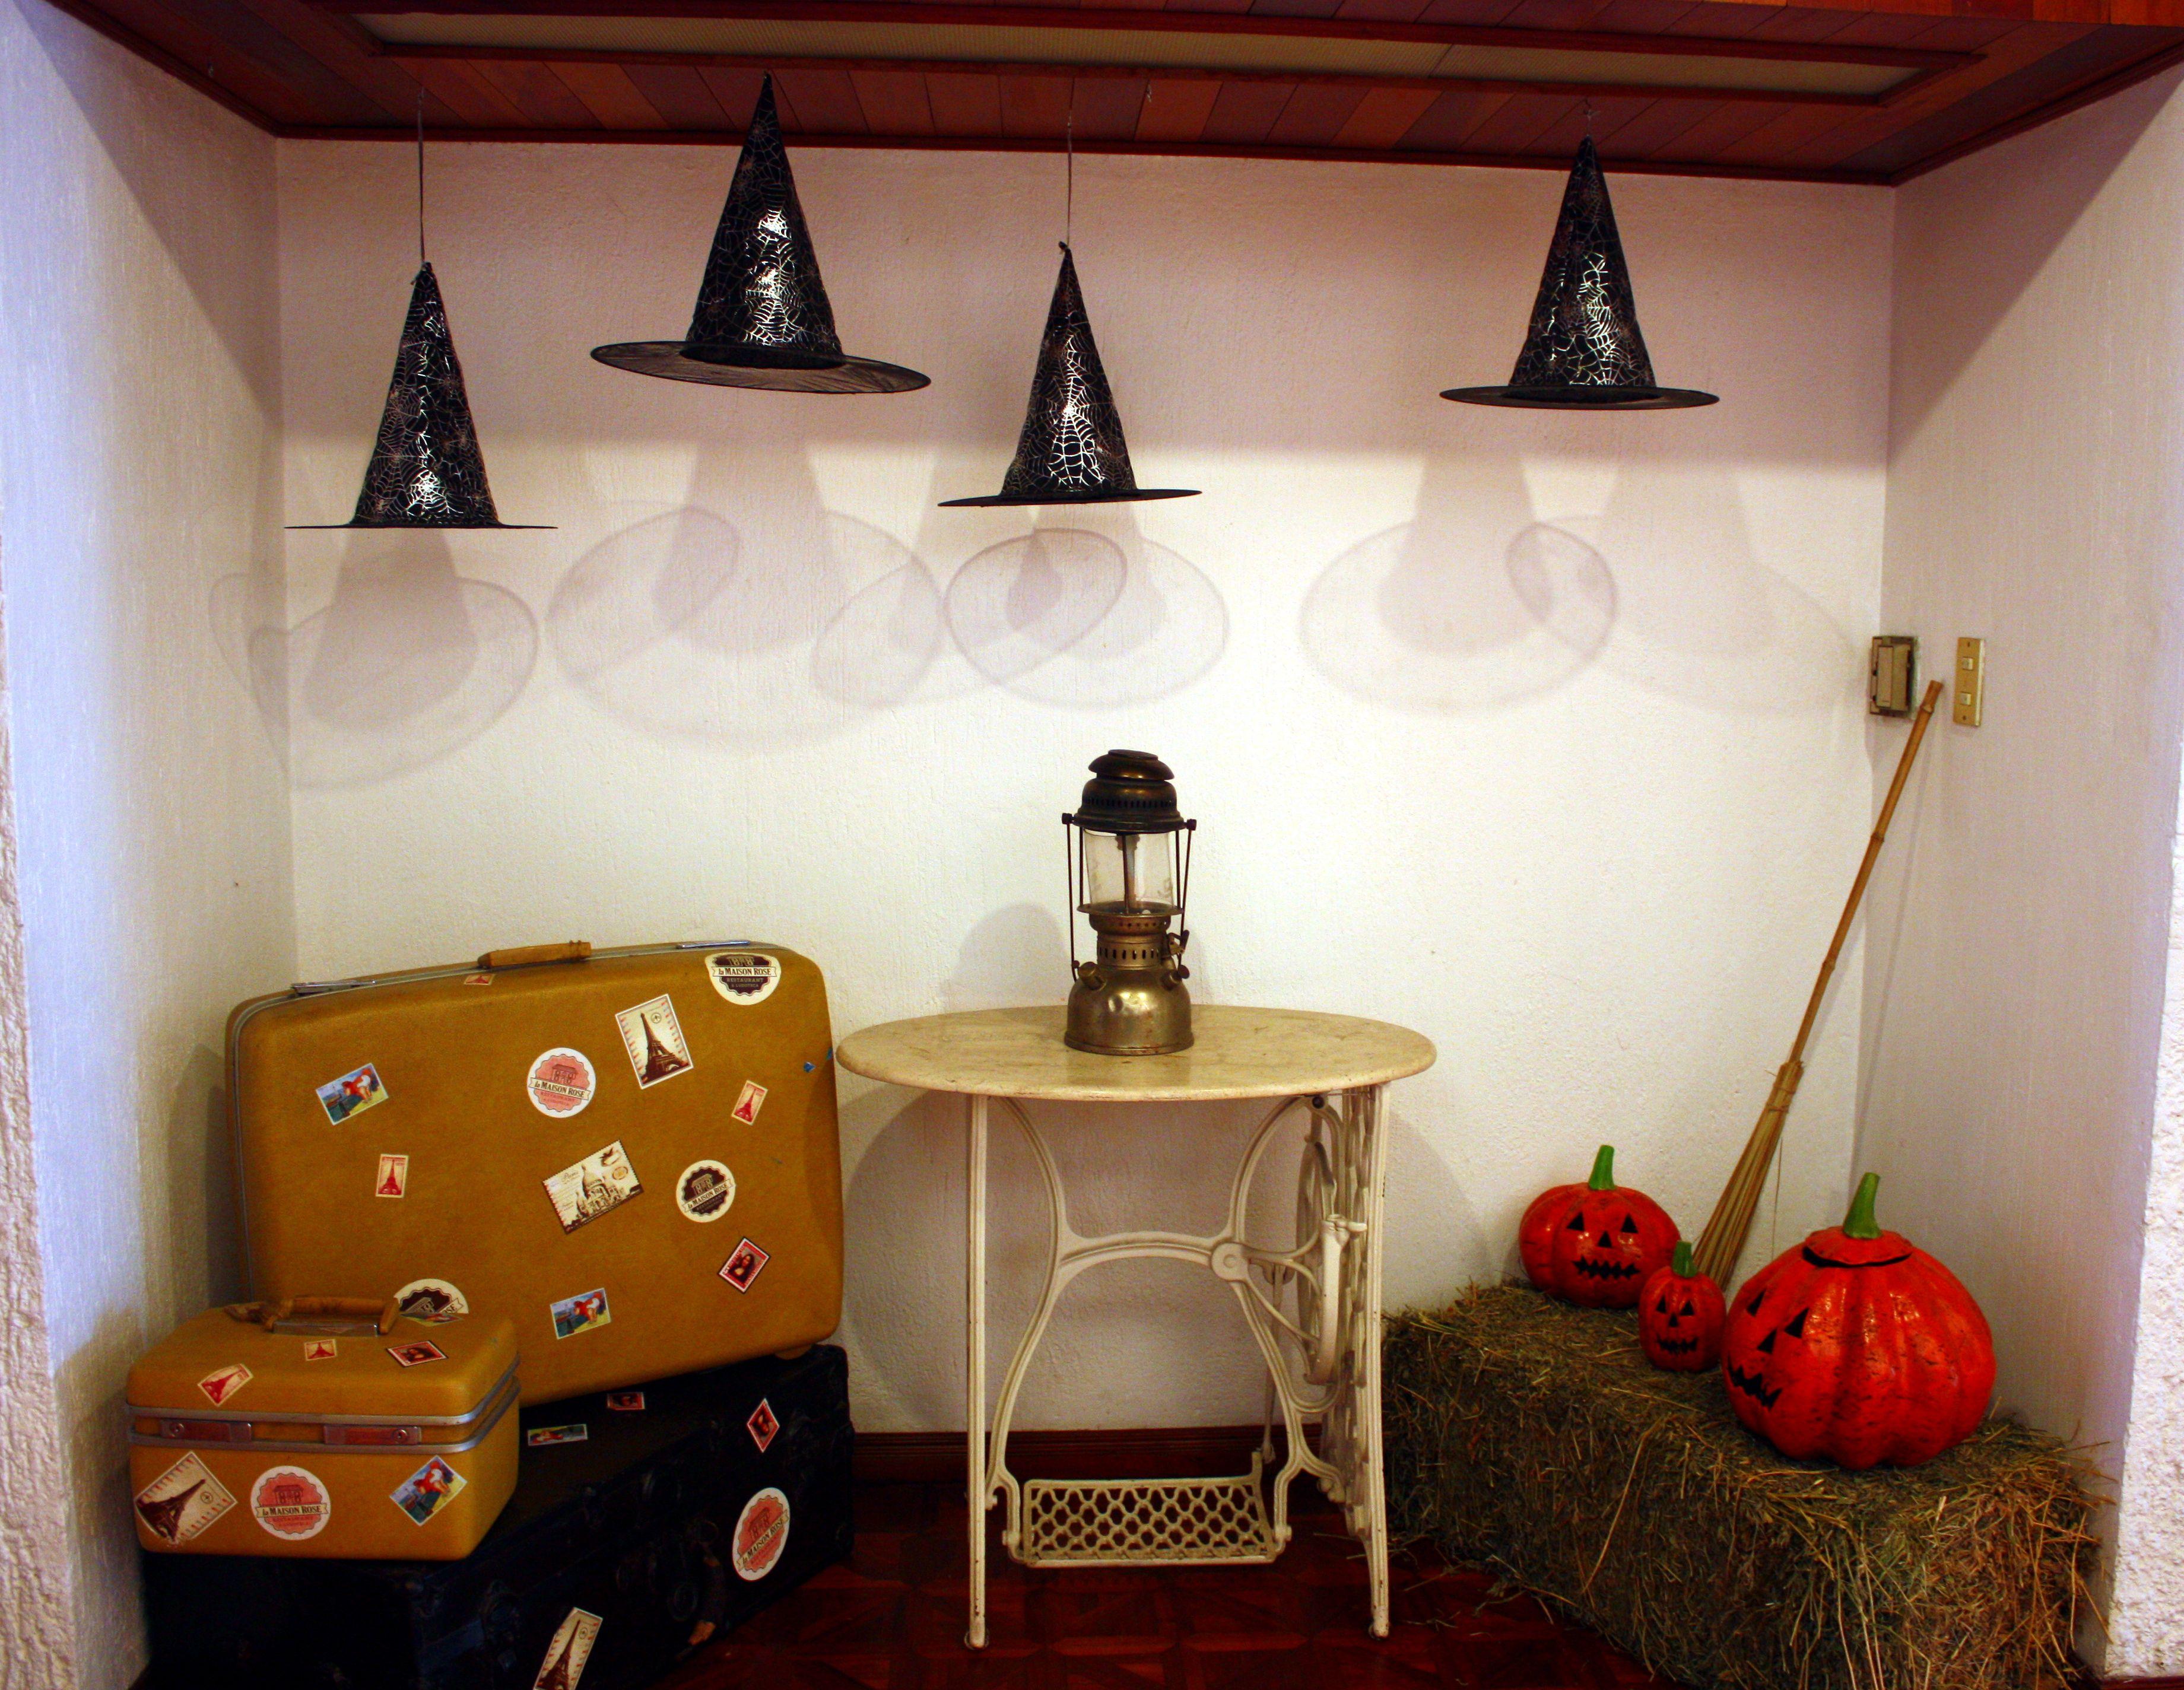 Decoraci n de halloween utilizando sombreros de bruja - Decoracion de halloween ...